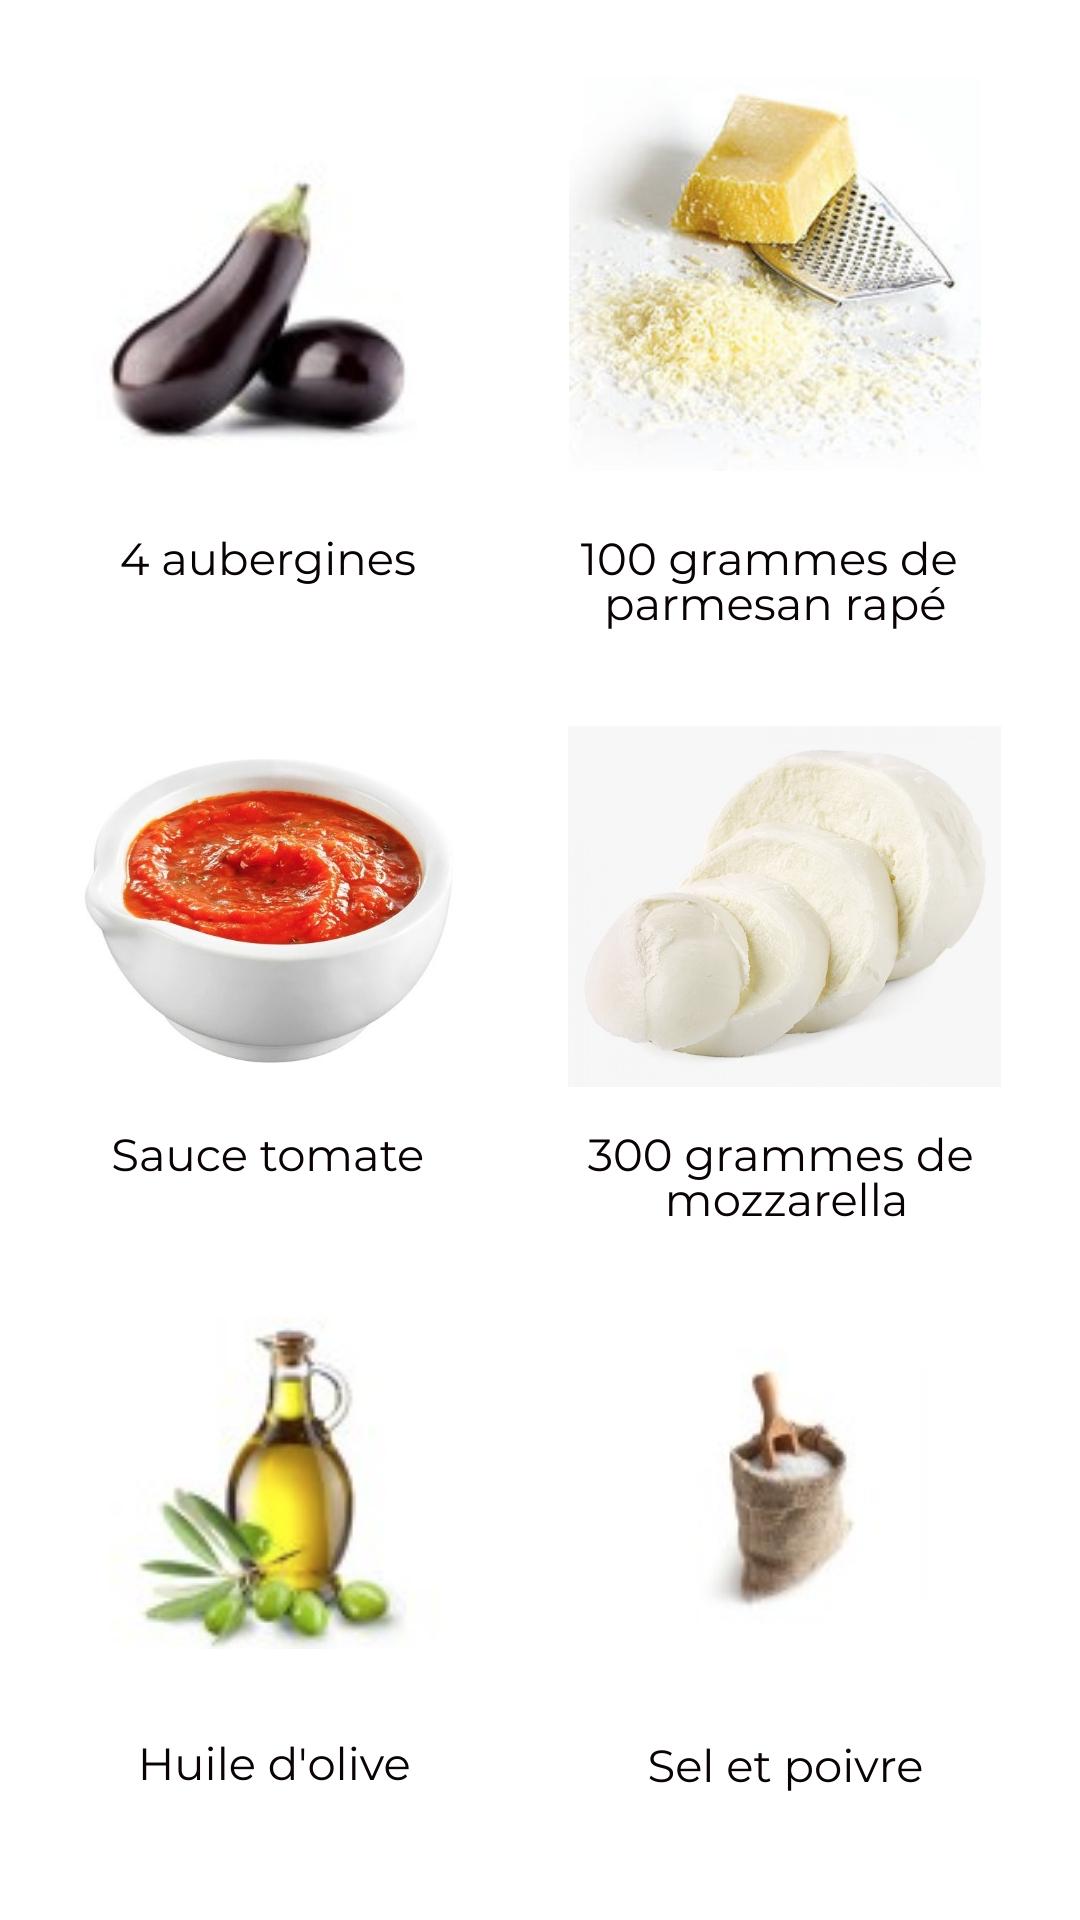 Ingrédients aubergines à la parmesane